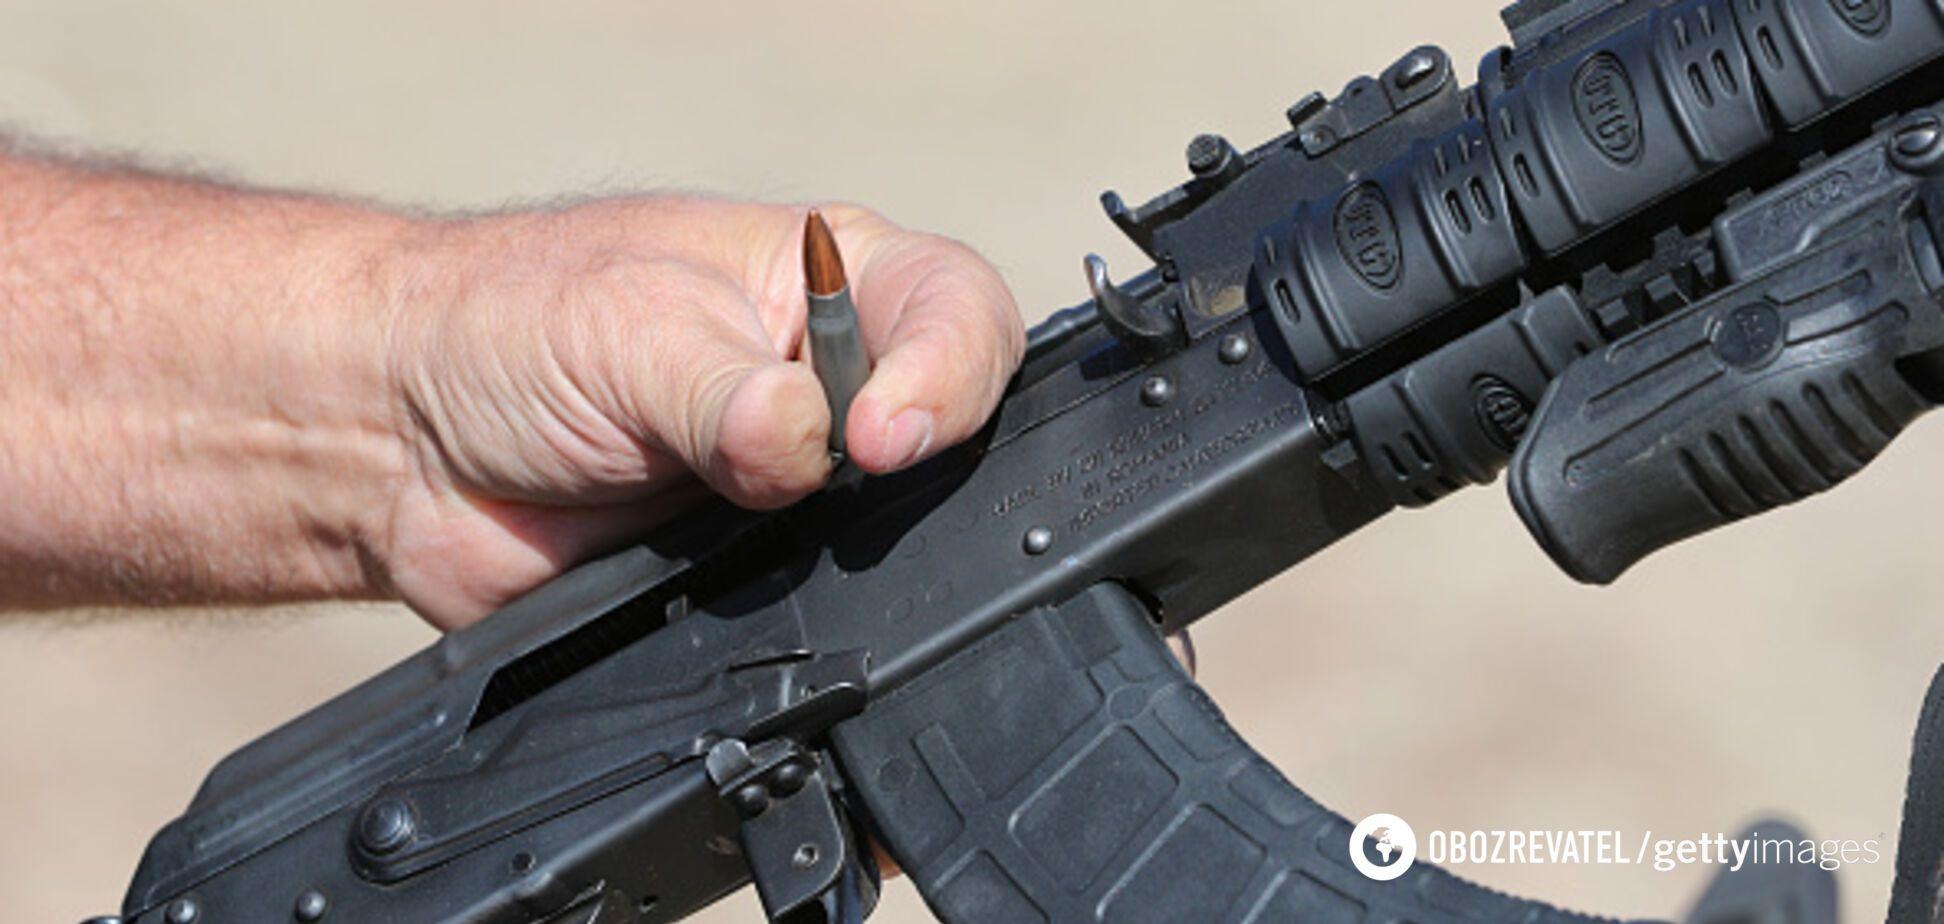 Оружие — всем украинцам: ветеран АТО сделал громкое заявление